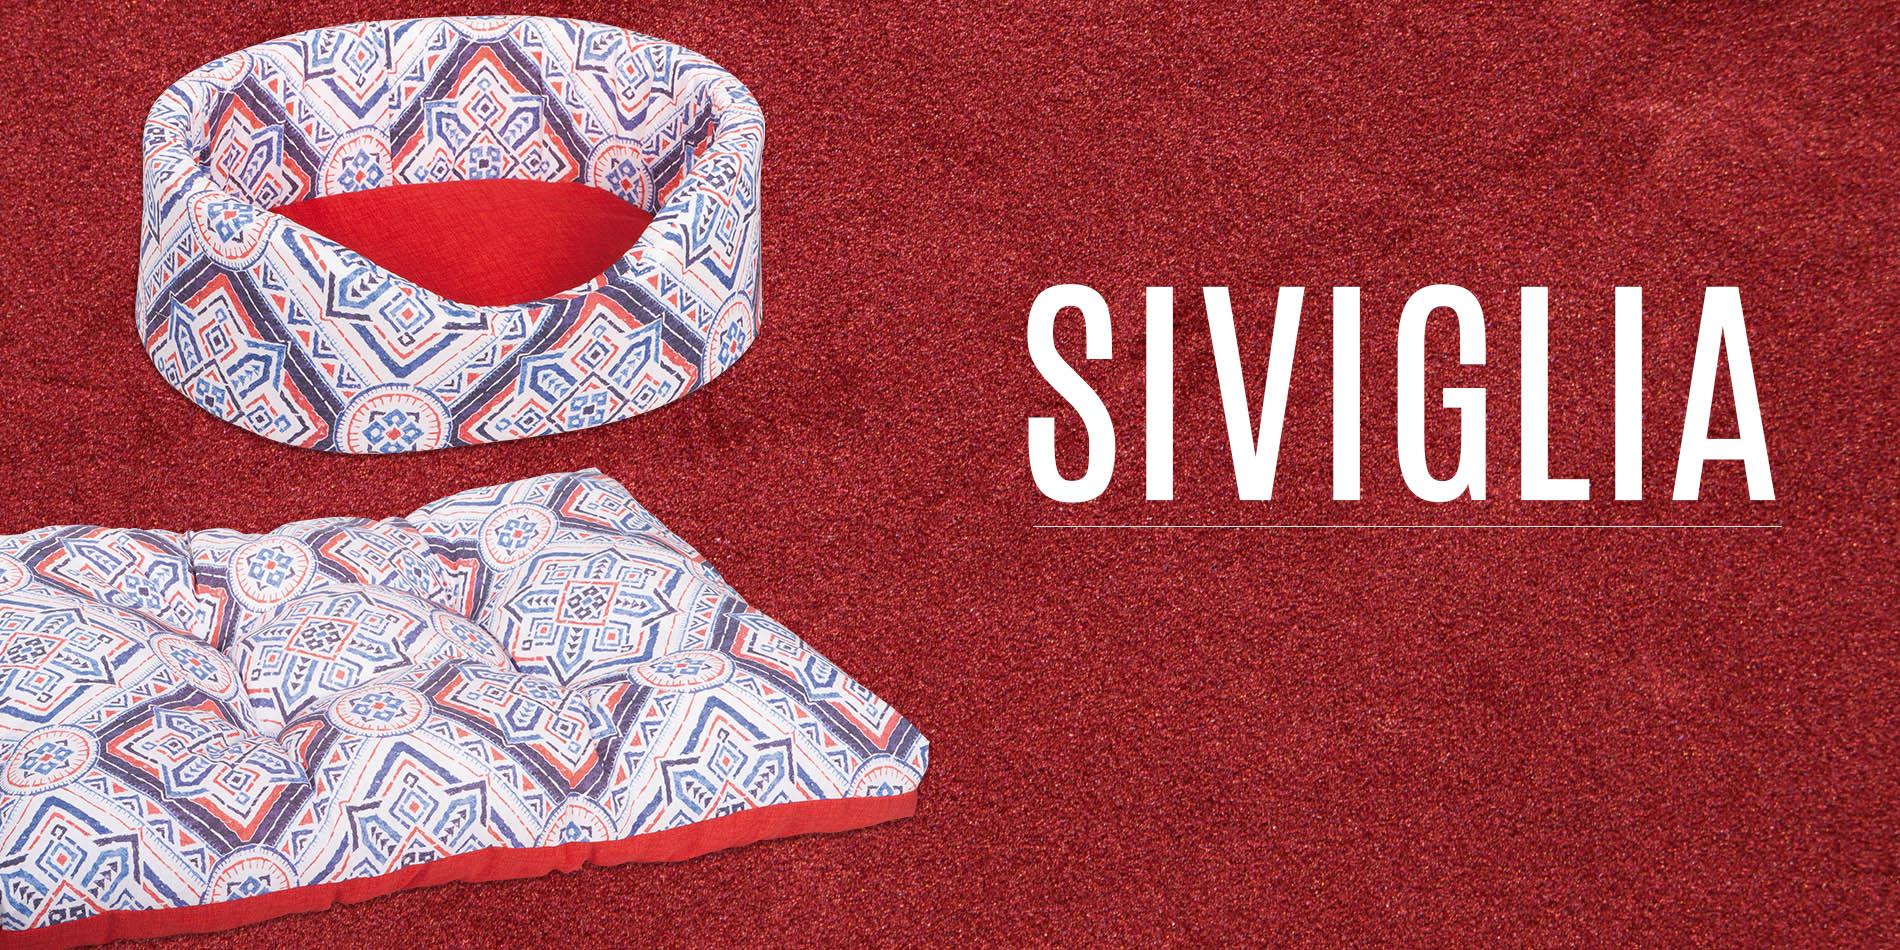 SIVIGLIA_